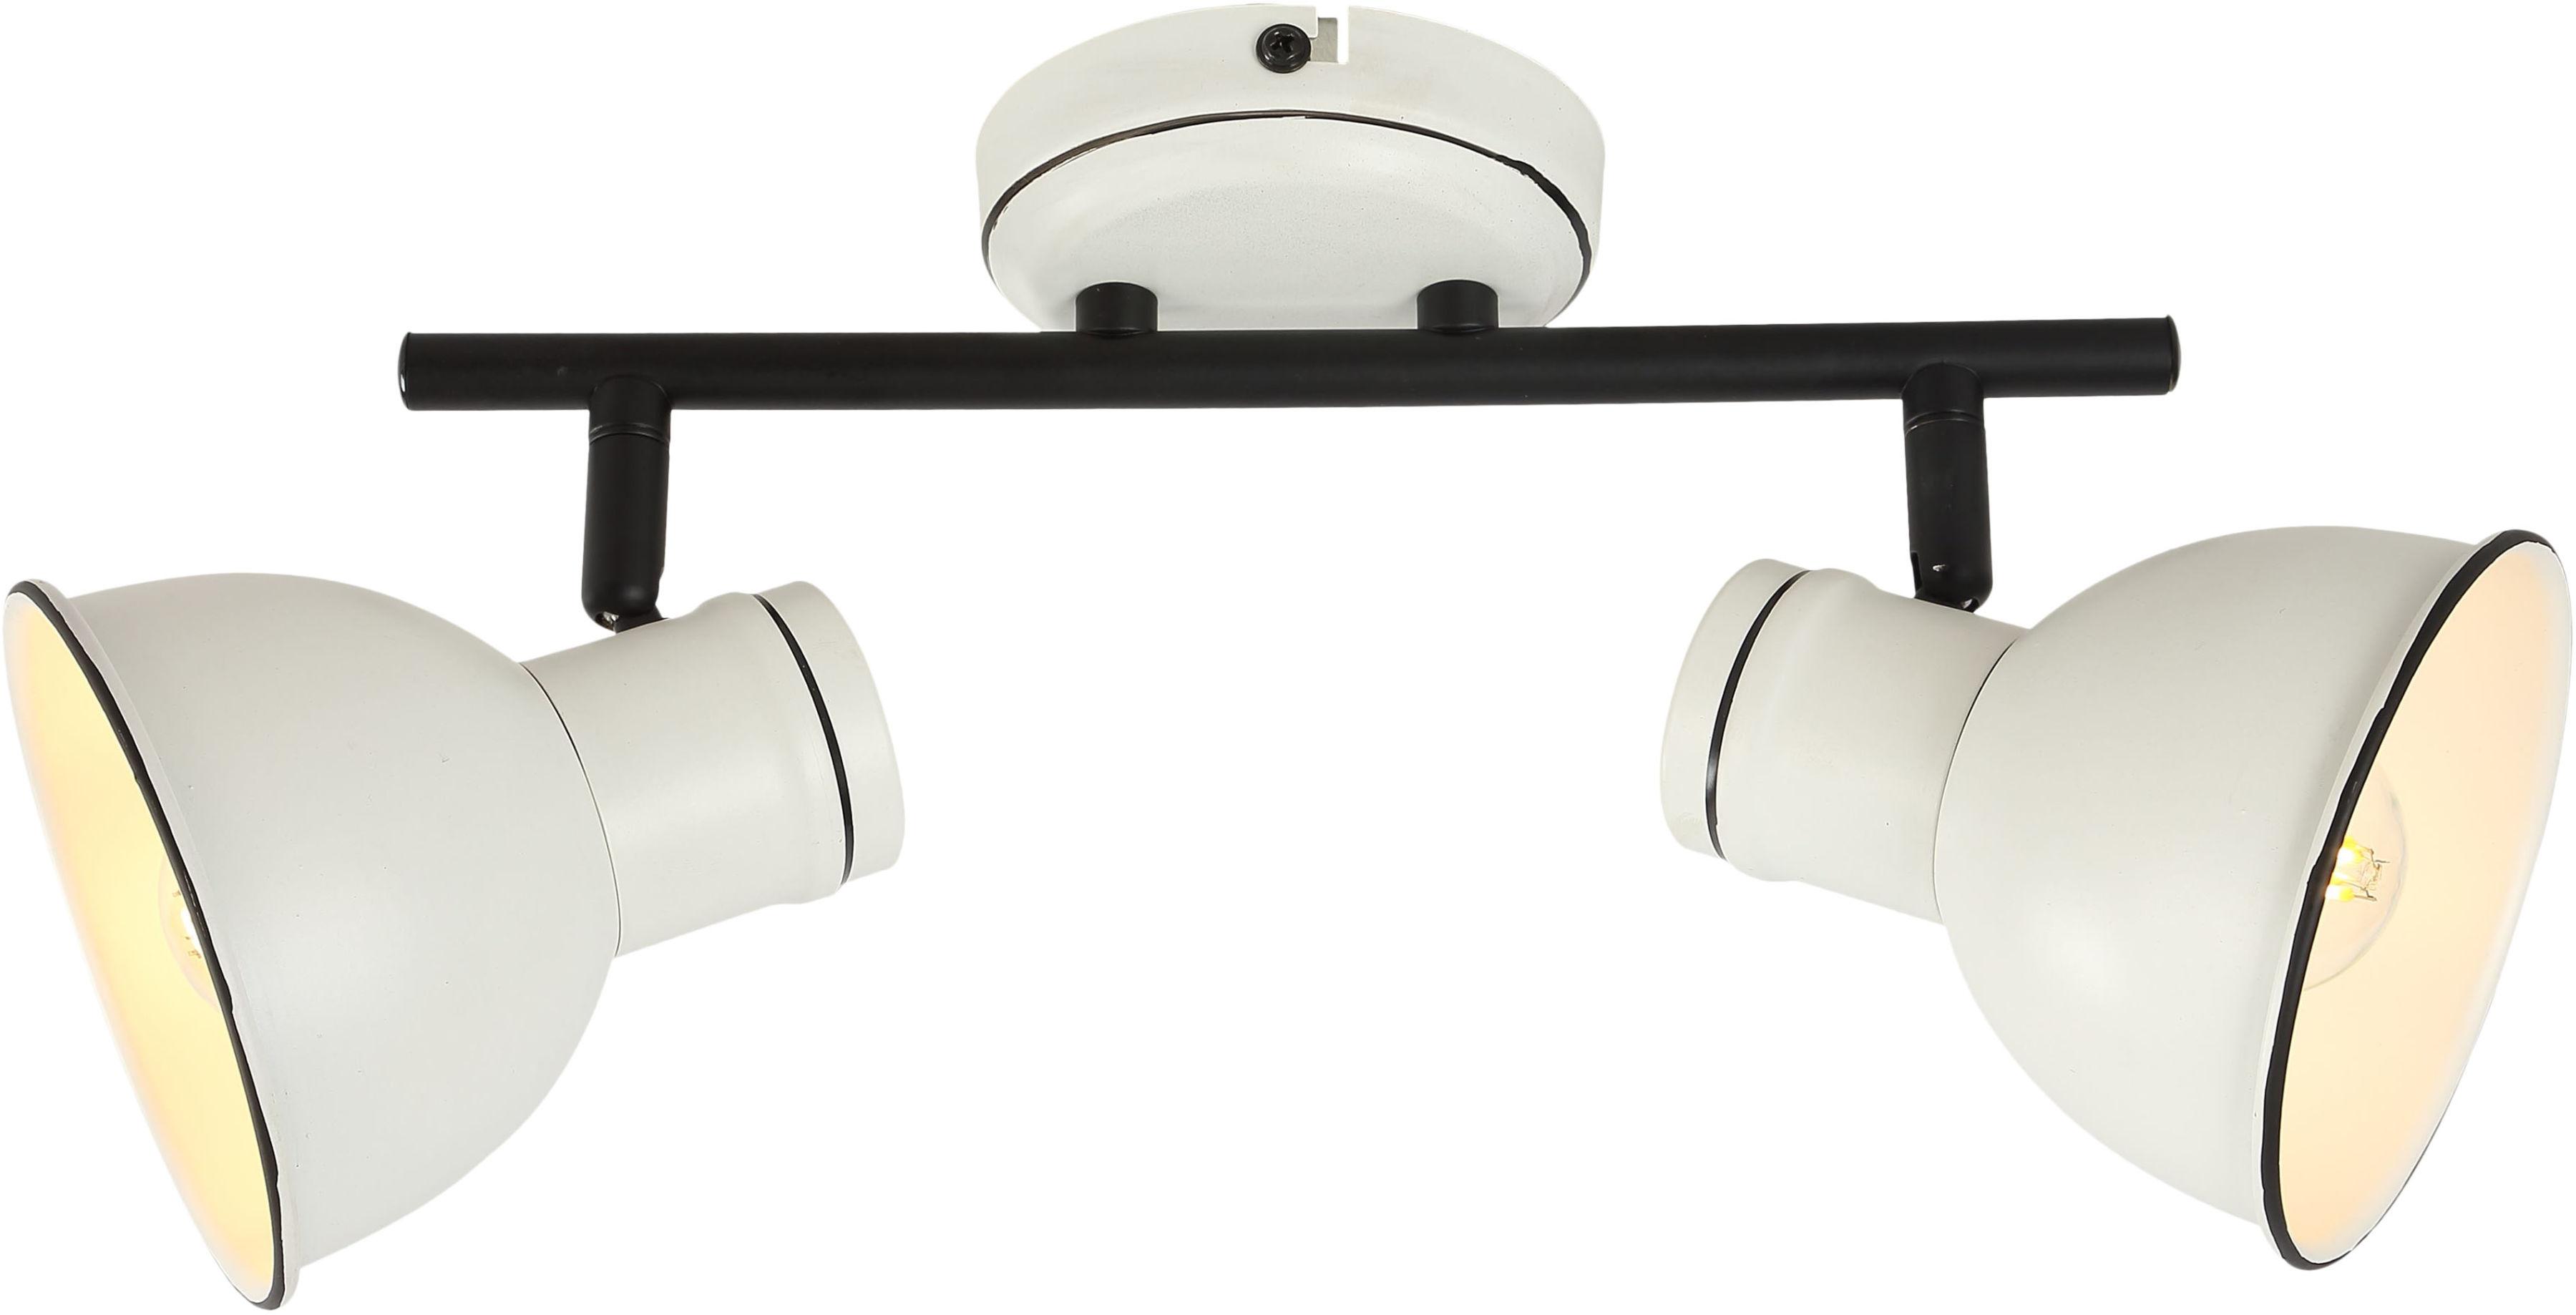 Candellux ZUMBA 92-72139 plafon lampa sufitowa listwa klosz metal biały czarny 2X40W E14 39 cm